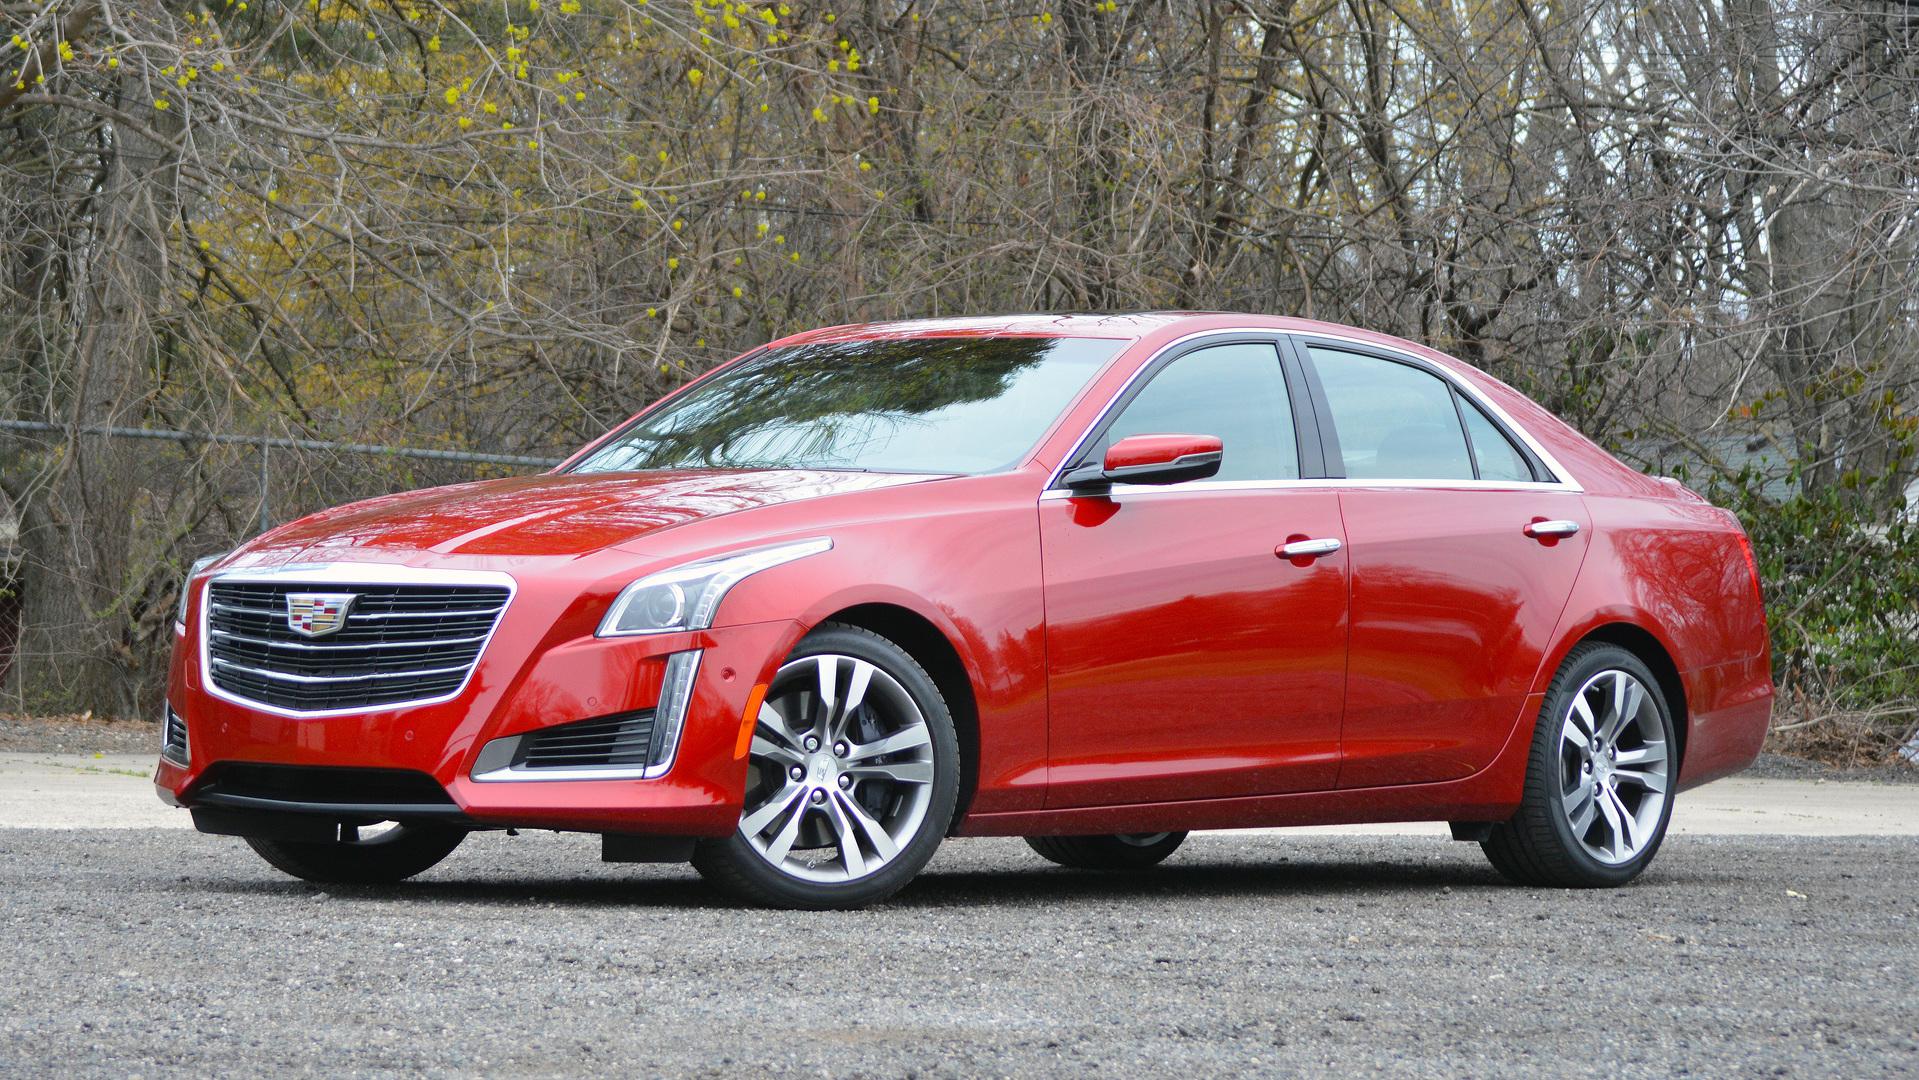 Who Makes Cadillac >> Review 2016 Cadillac Cts Vsport